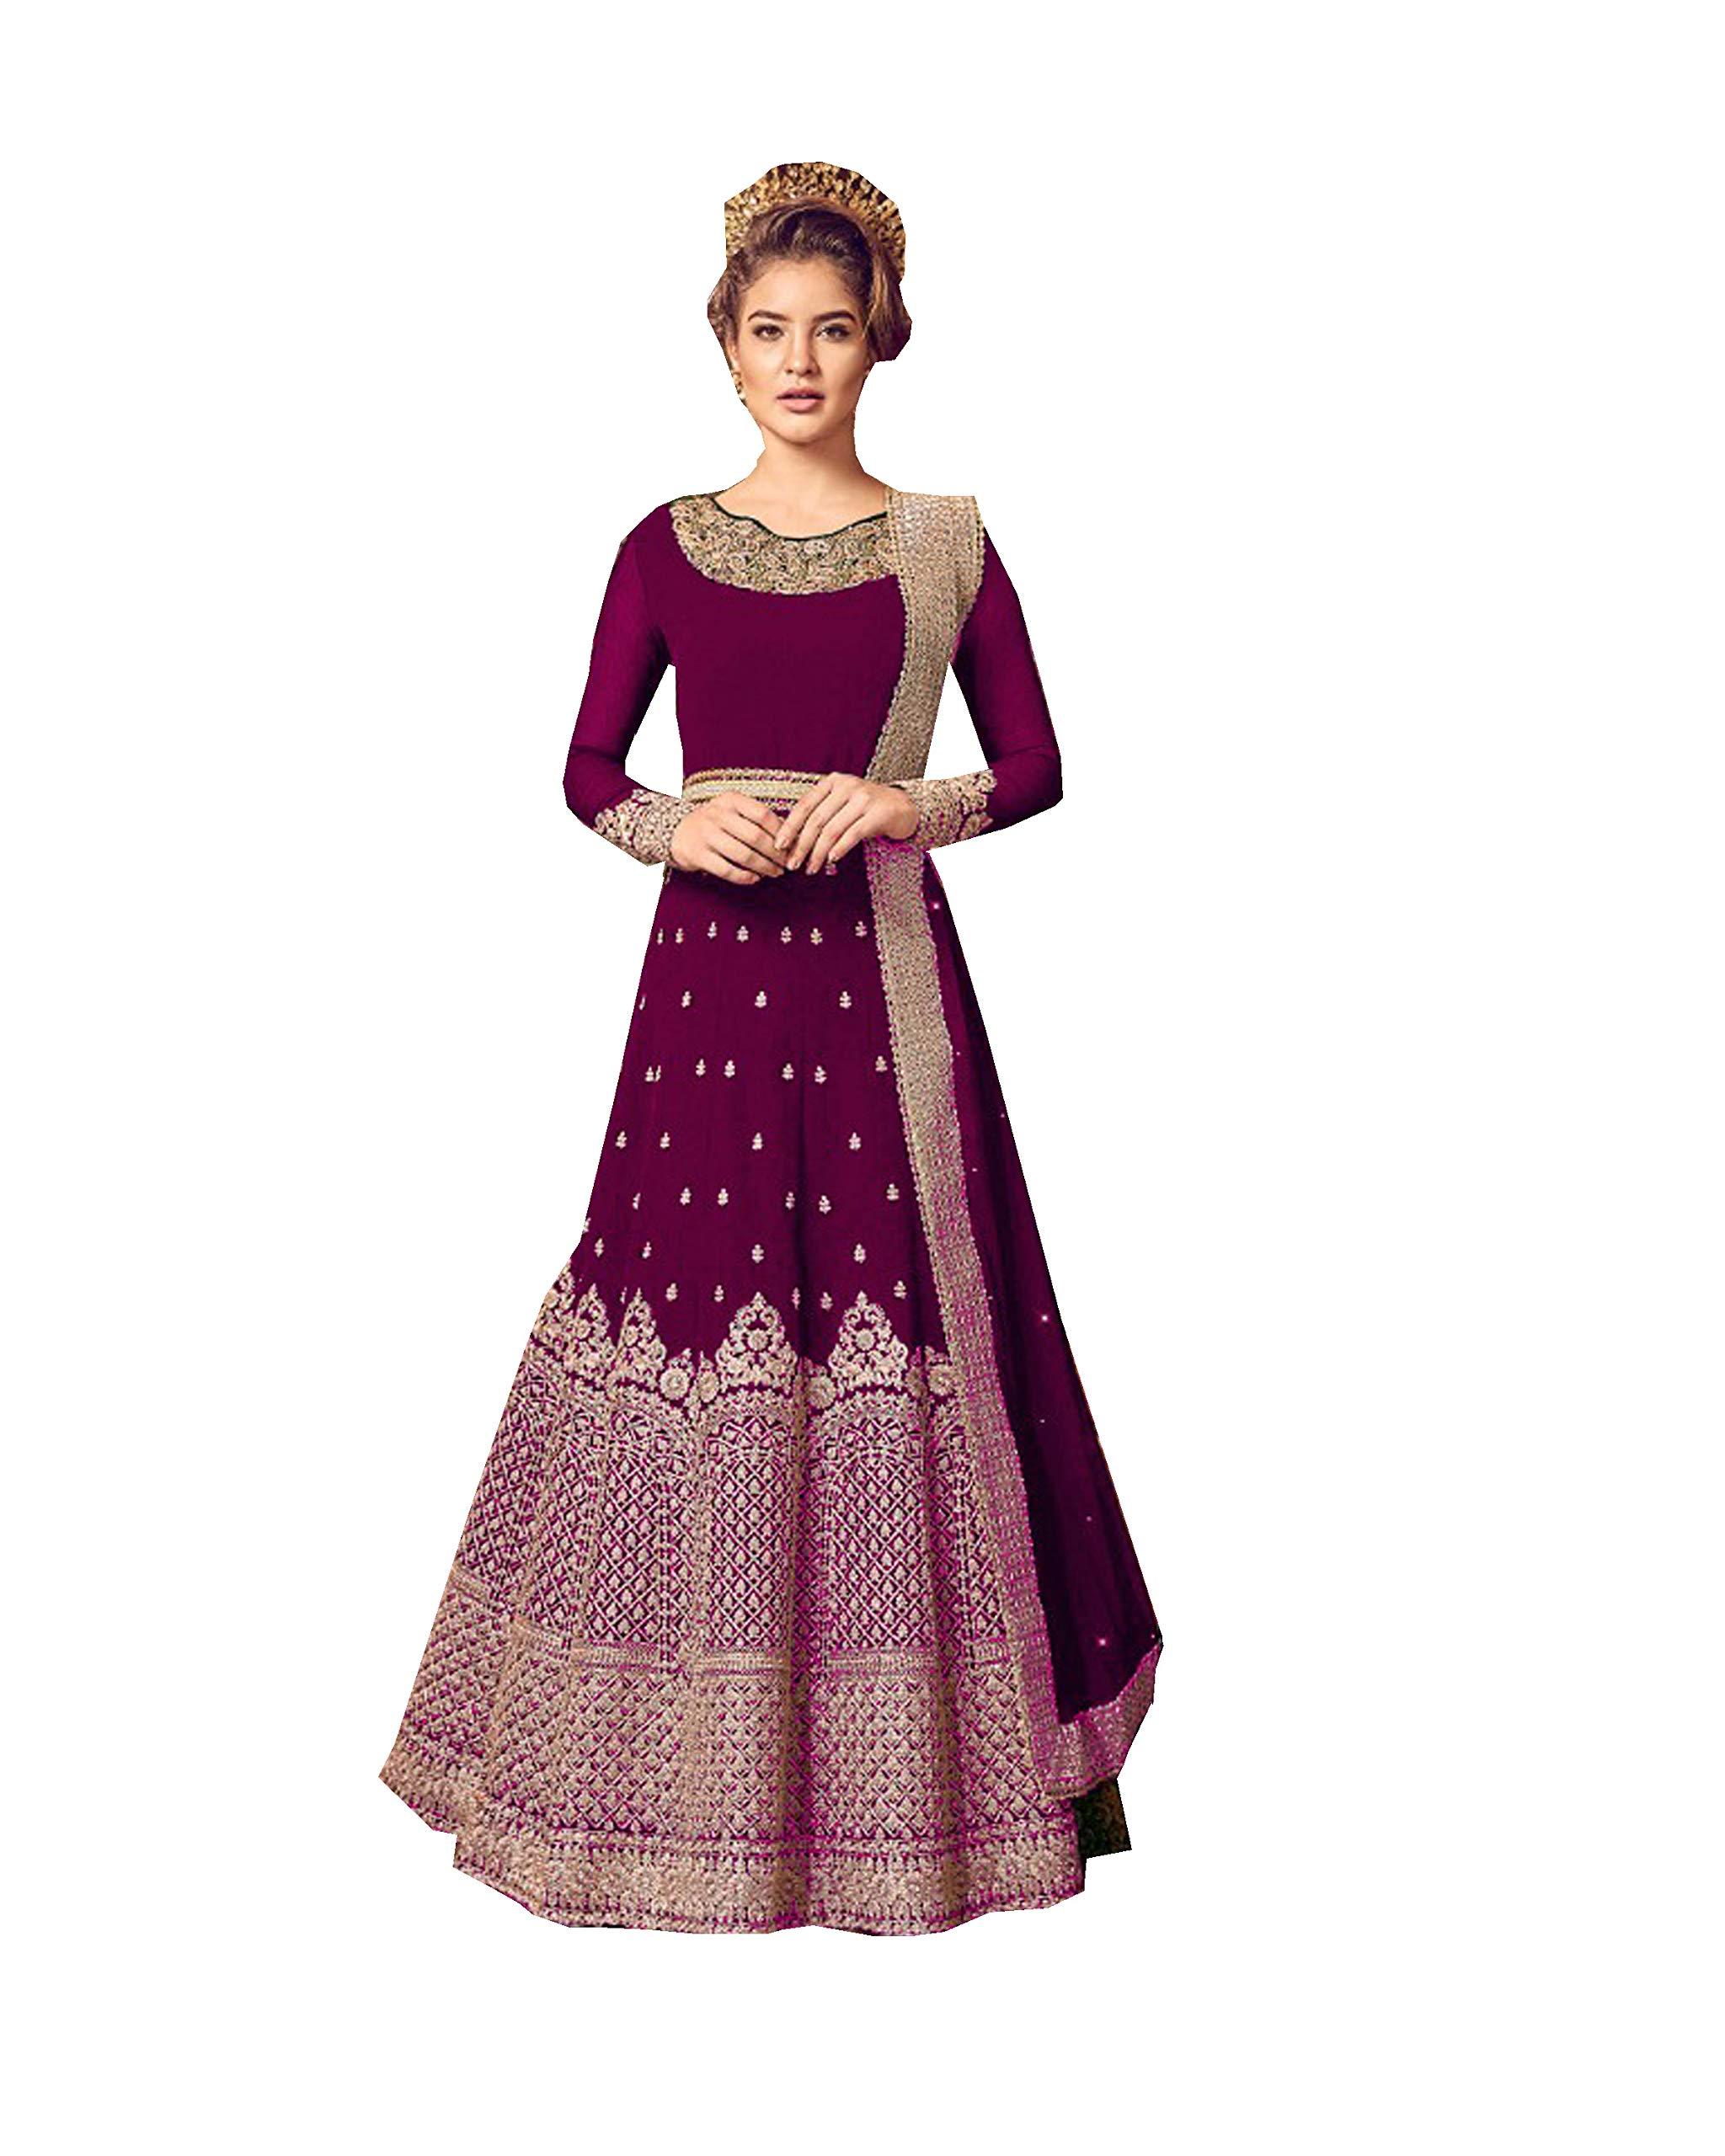 Indian/Pakistani Indian Wear & Ethnic Wear Anarkali Salwar Suit Anarkali Gown for Women Violate 5801 (Purpal, L-42)